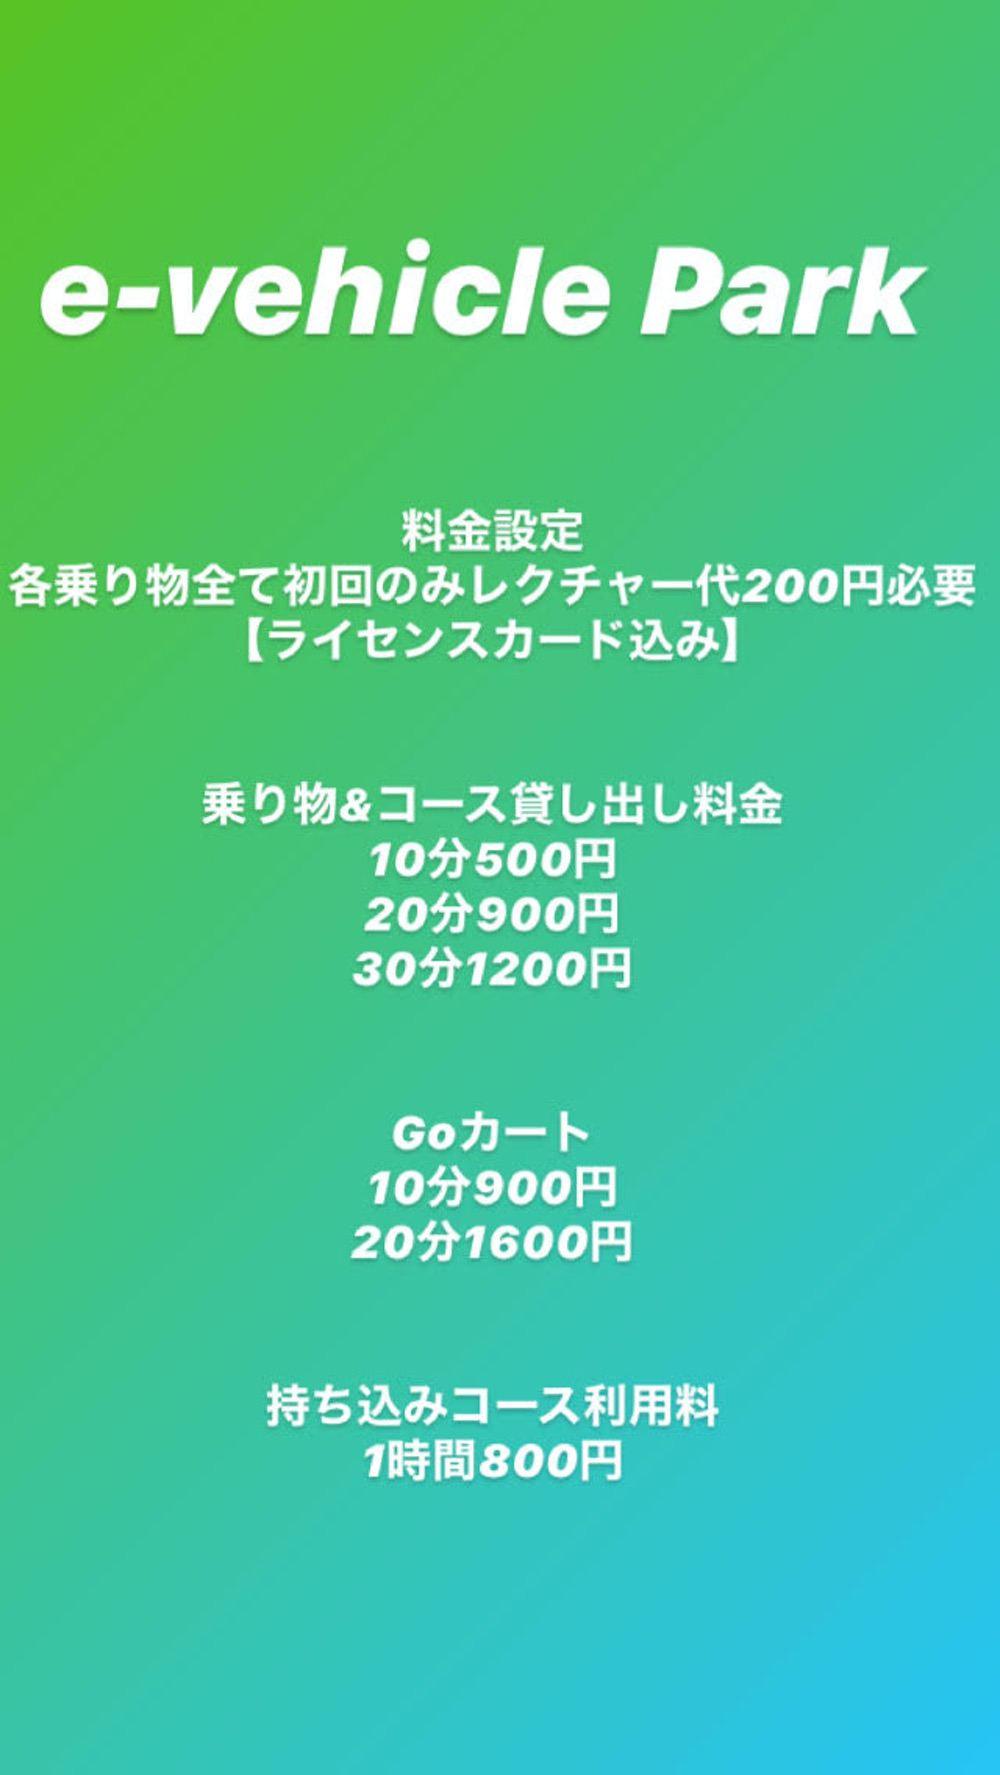 e-ビークルパーク 利用料金